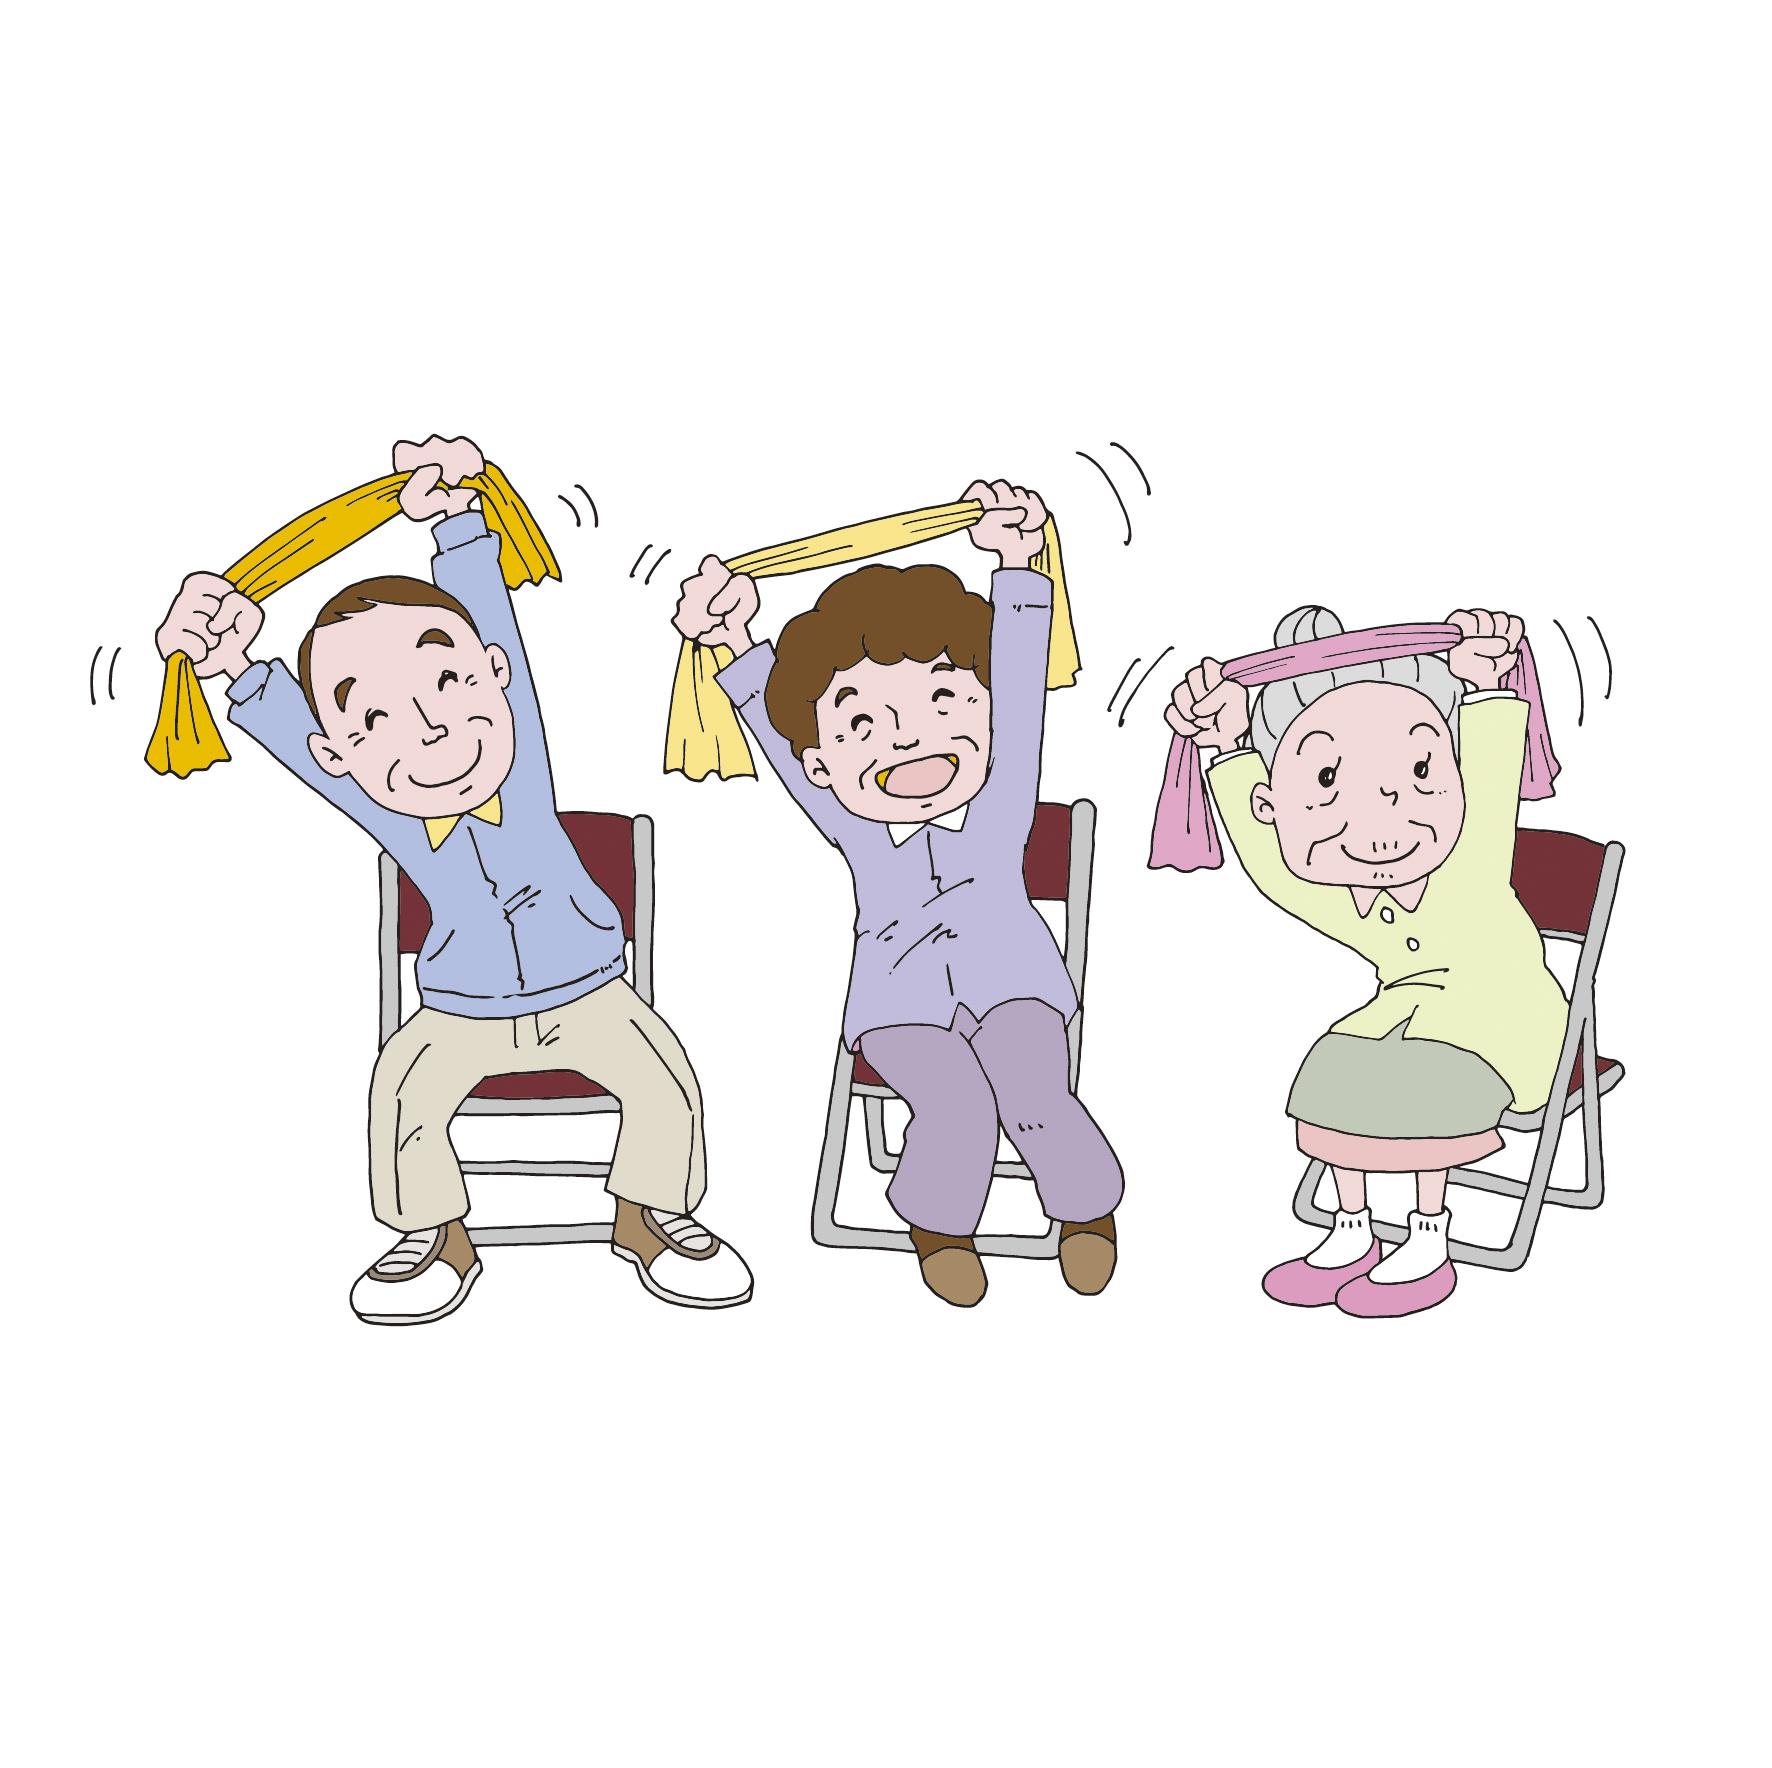 【高齢者レク】座ってできる体操!『超簡単』レクリエーション20選(上肢編)